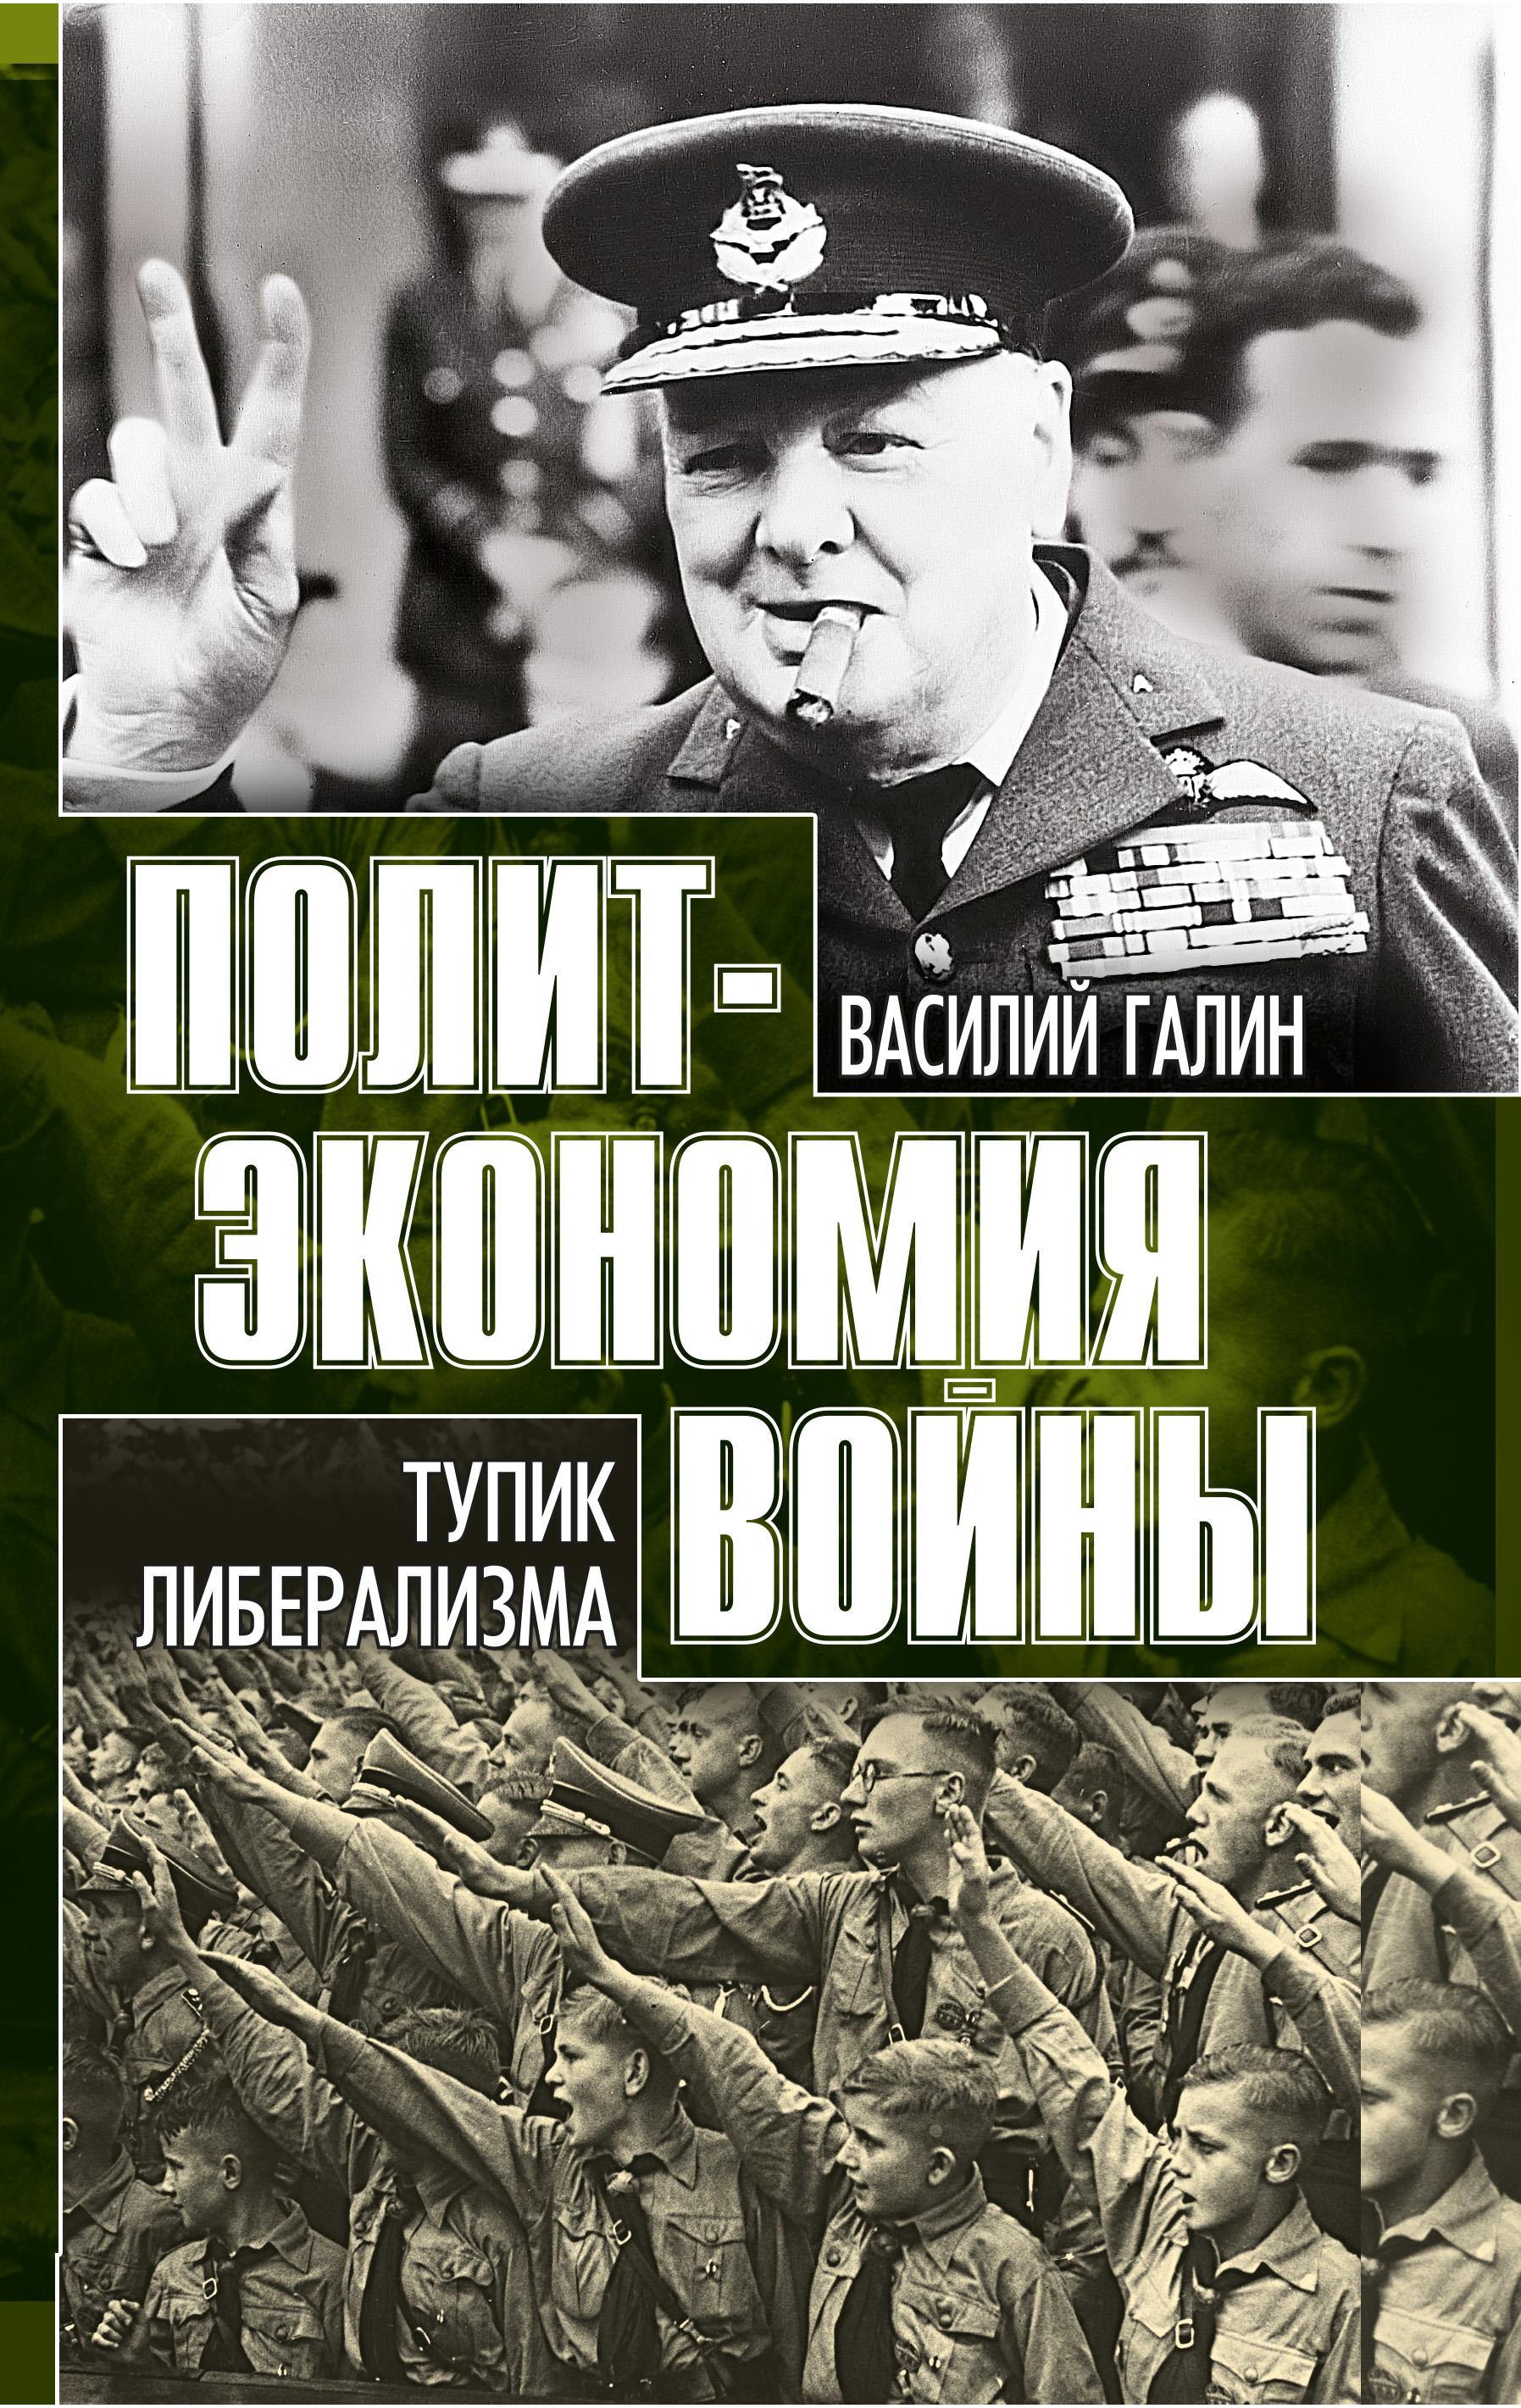 фото обложки издания Тупик либерализма. Как начинаются войны